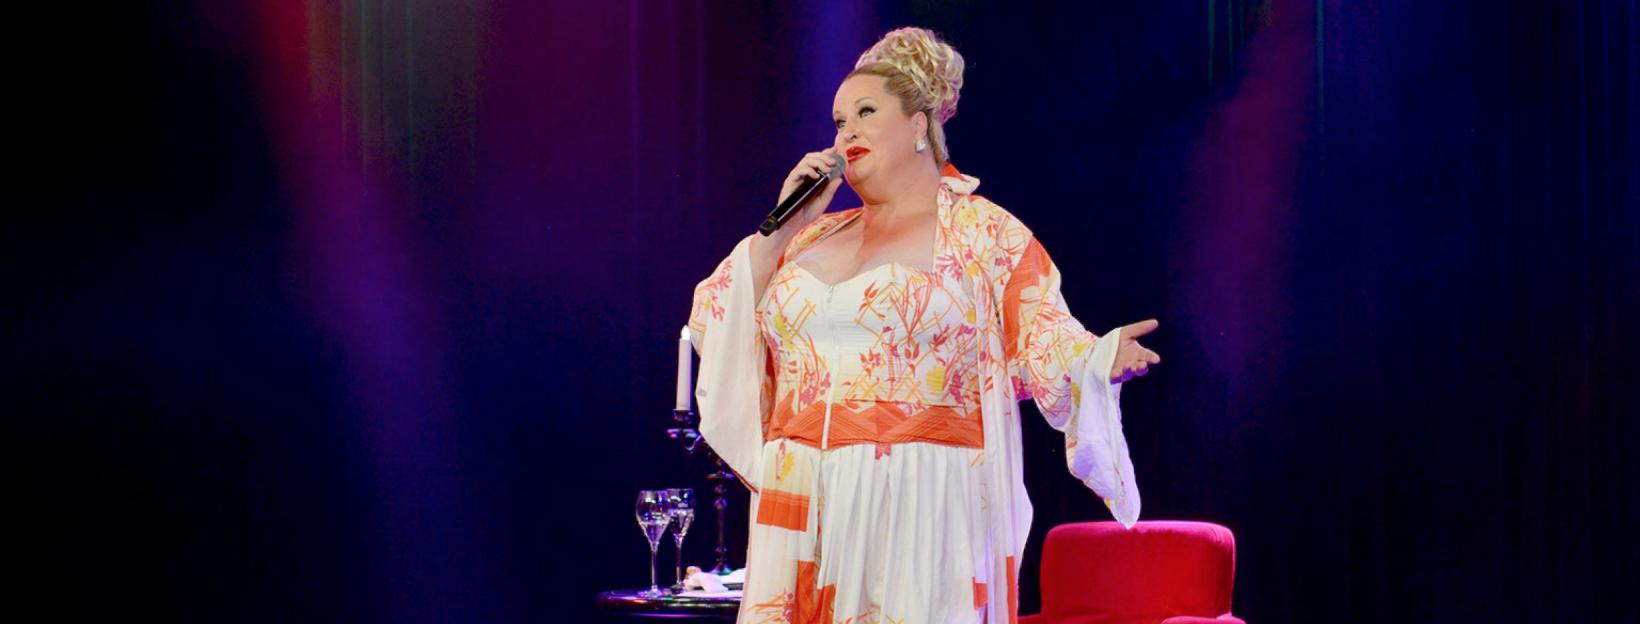 Daphne de Luxe bei einem Comedy-Auftritt